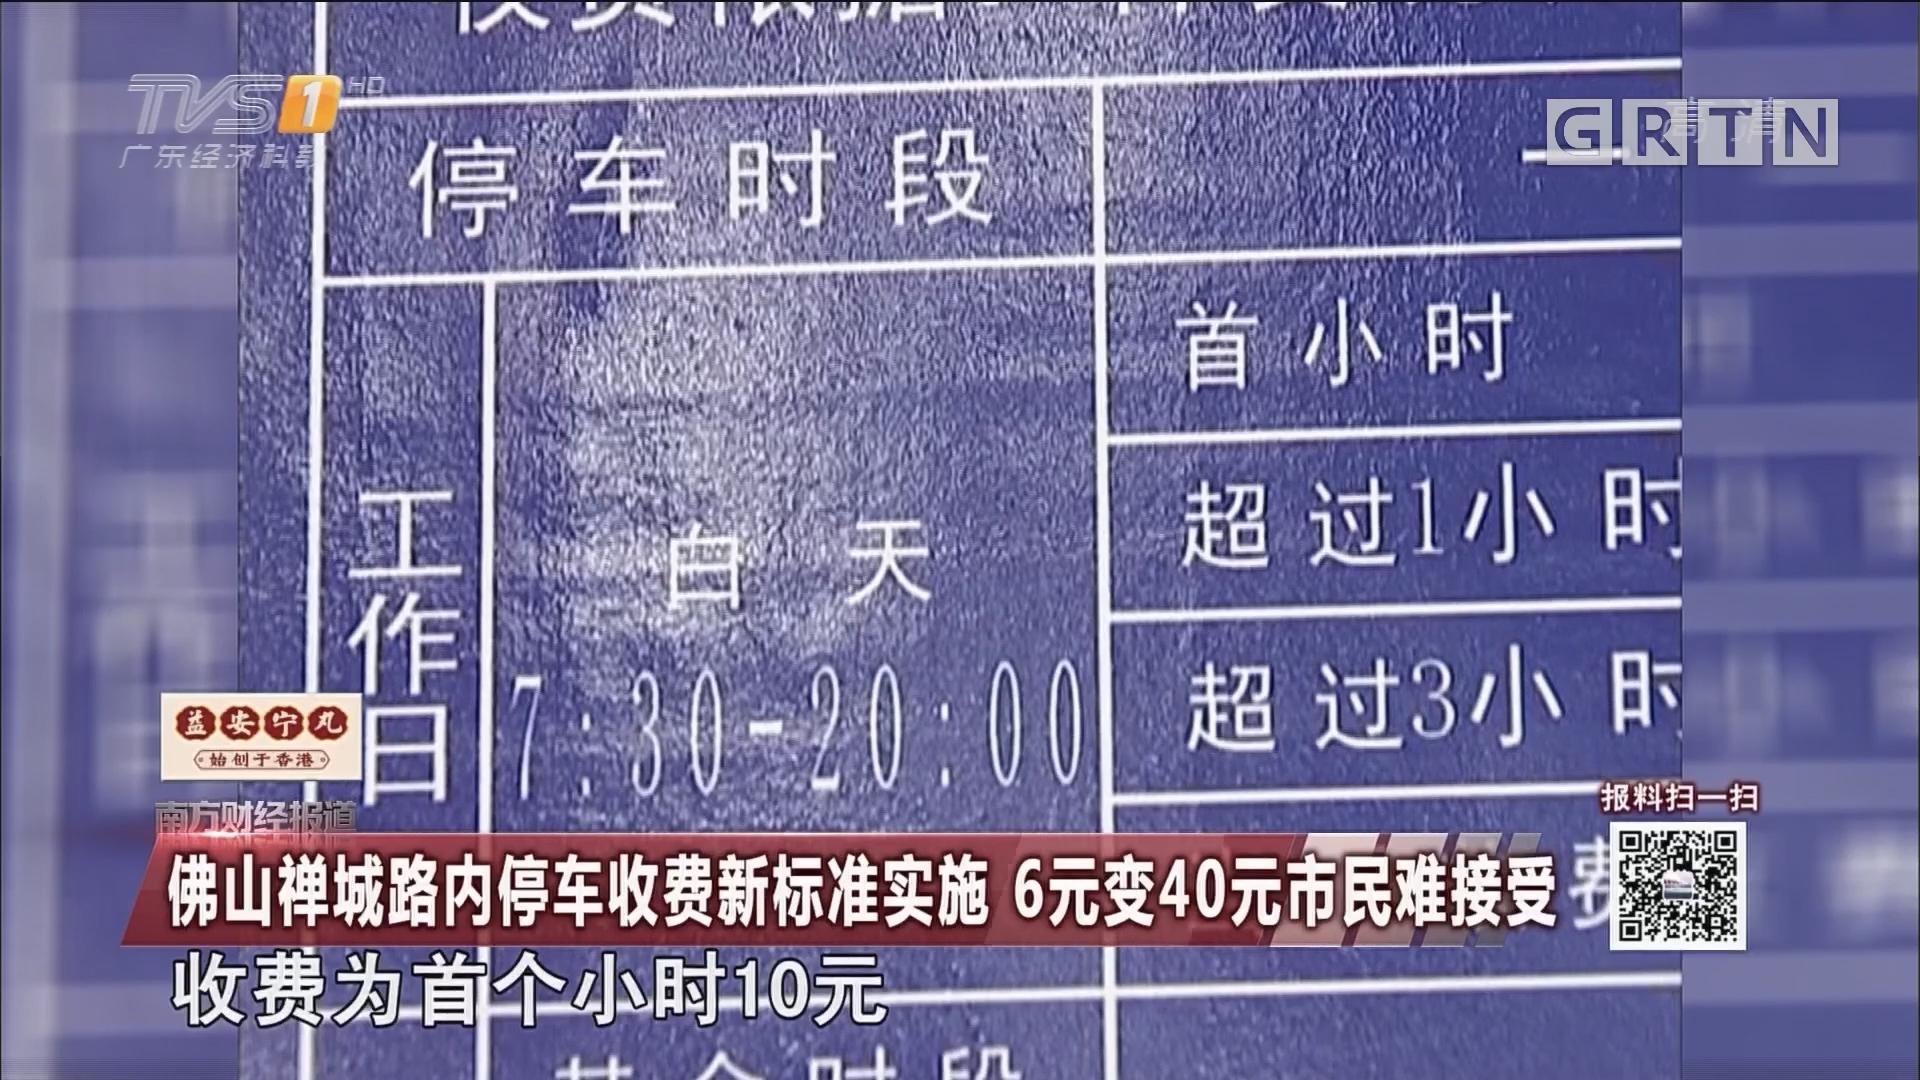 佛山禅城路内停车收费新标准实施 6元变40元市民难接受